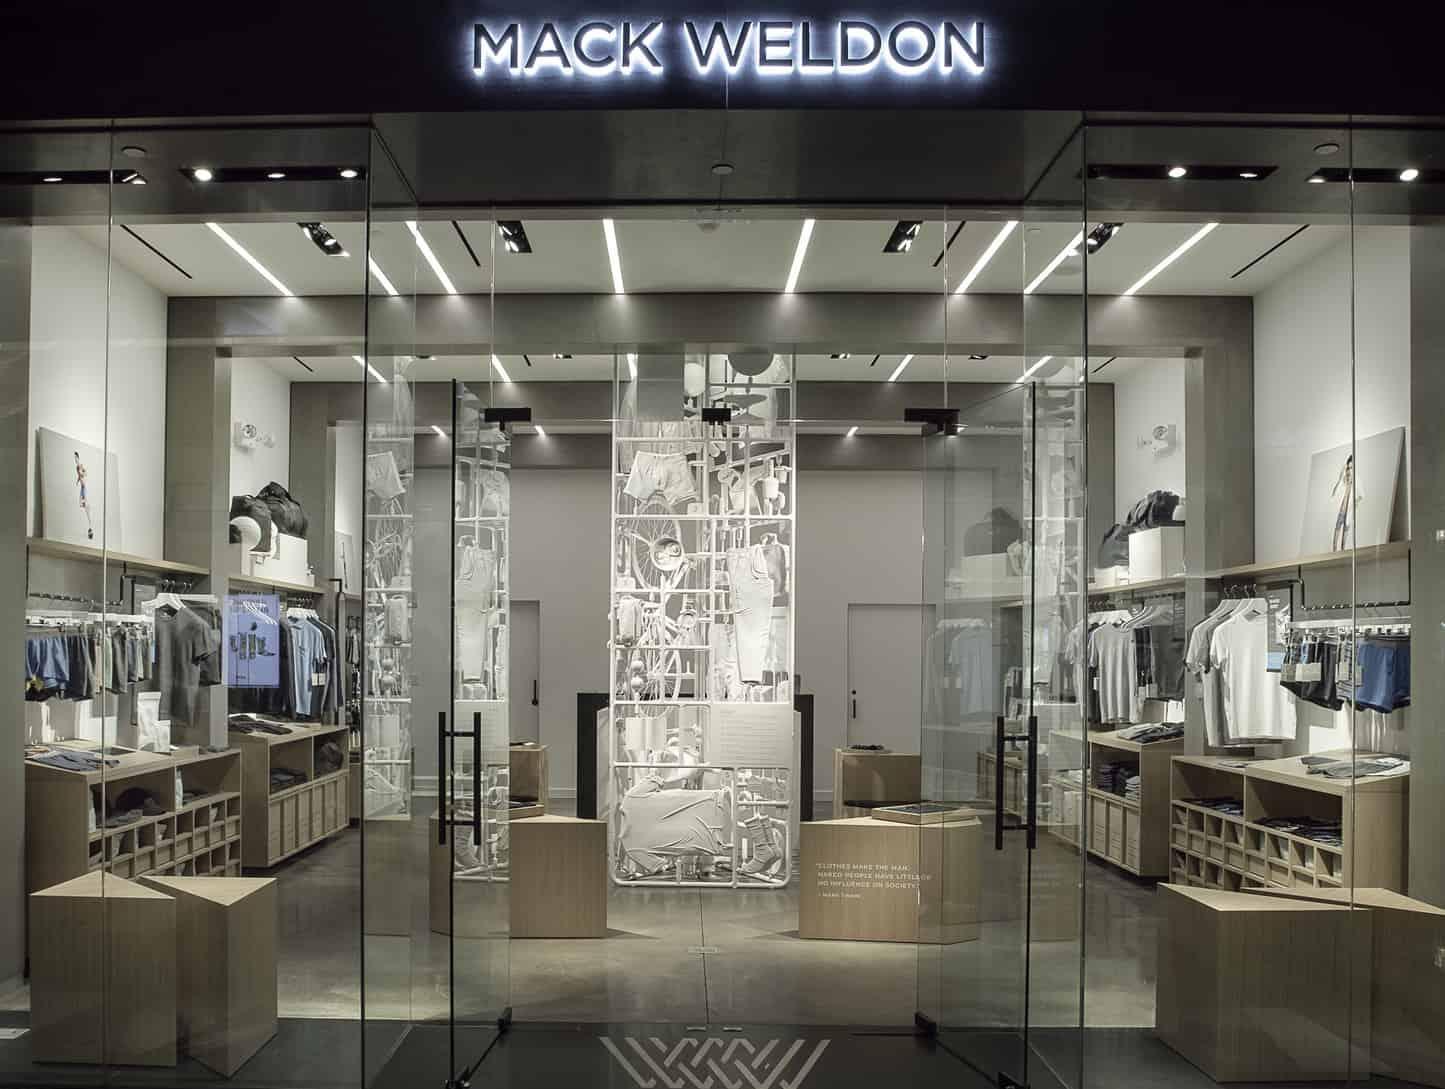 Mack Weldon store